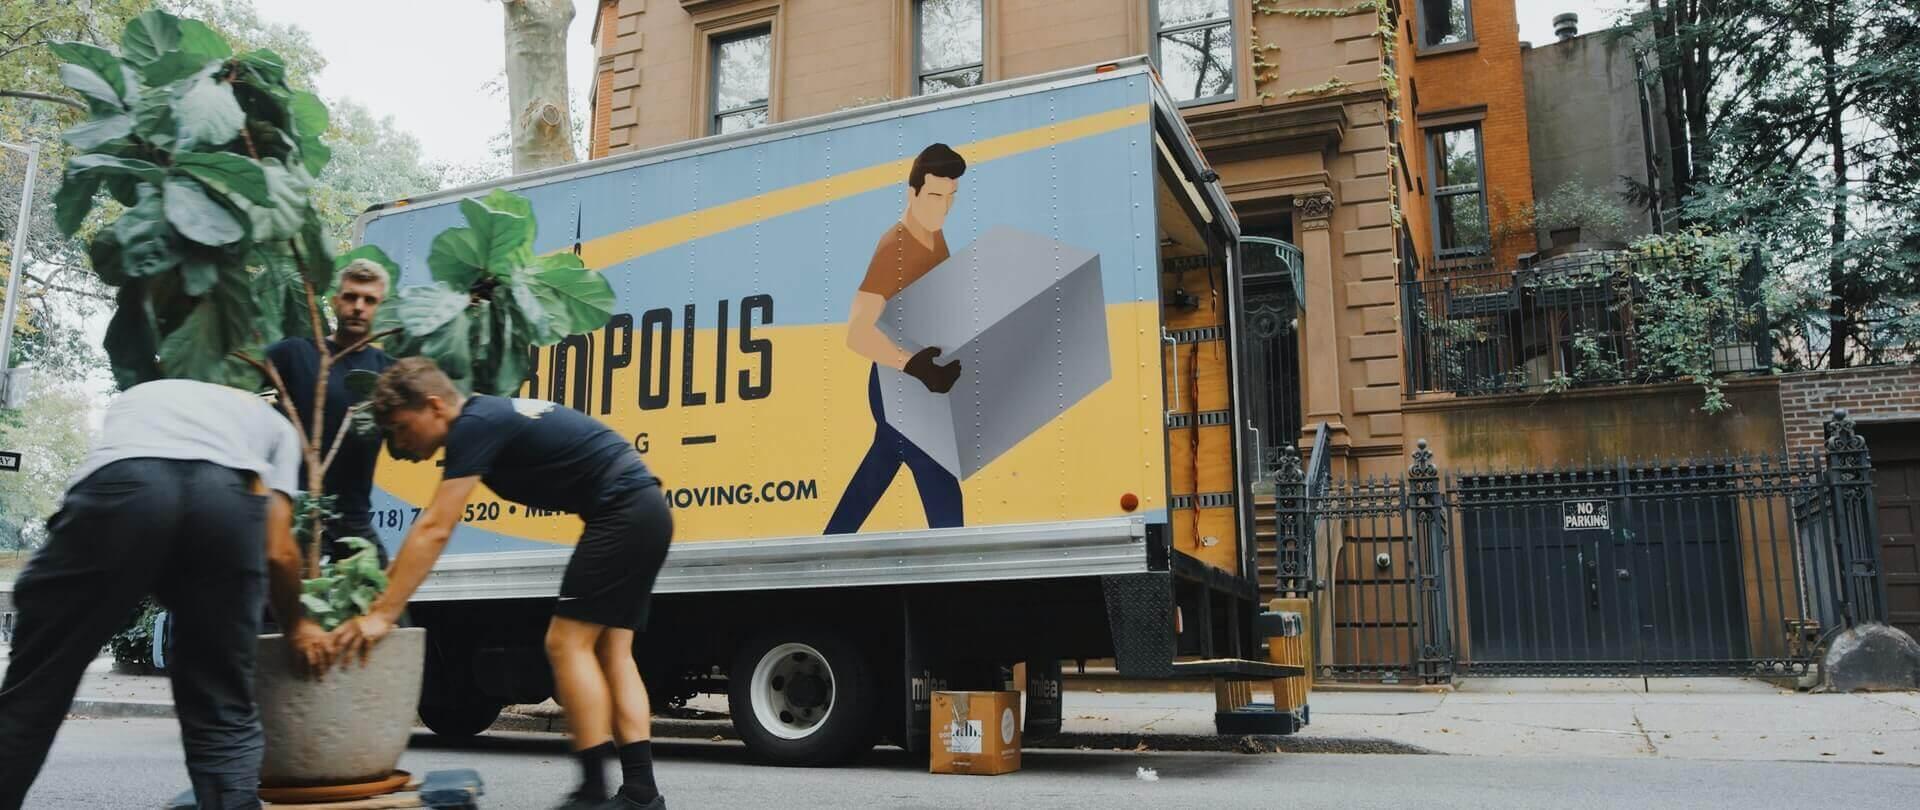 Movers unpacking their van.